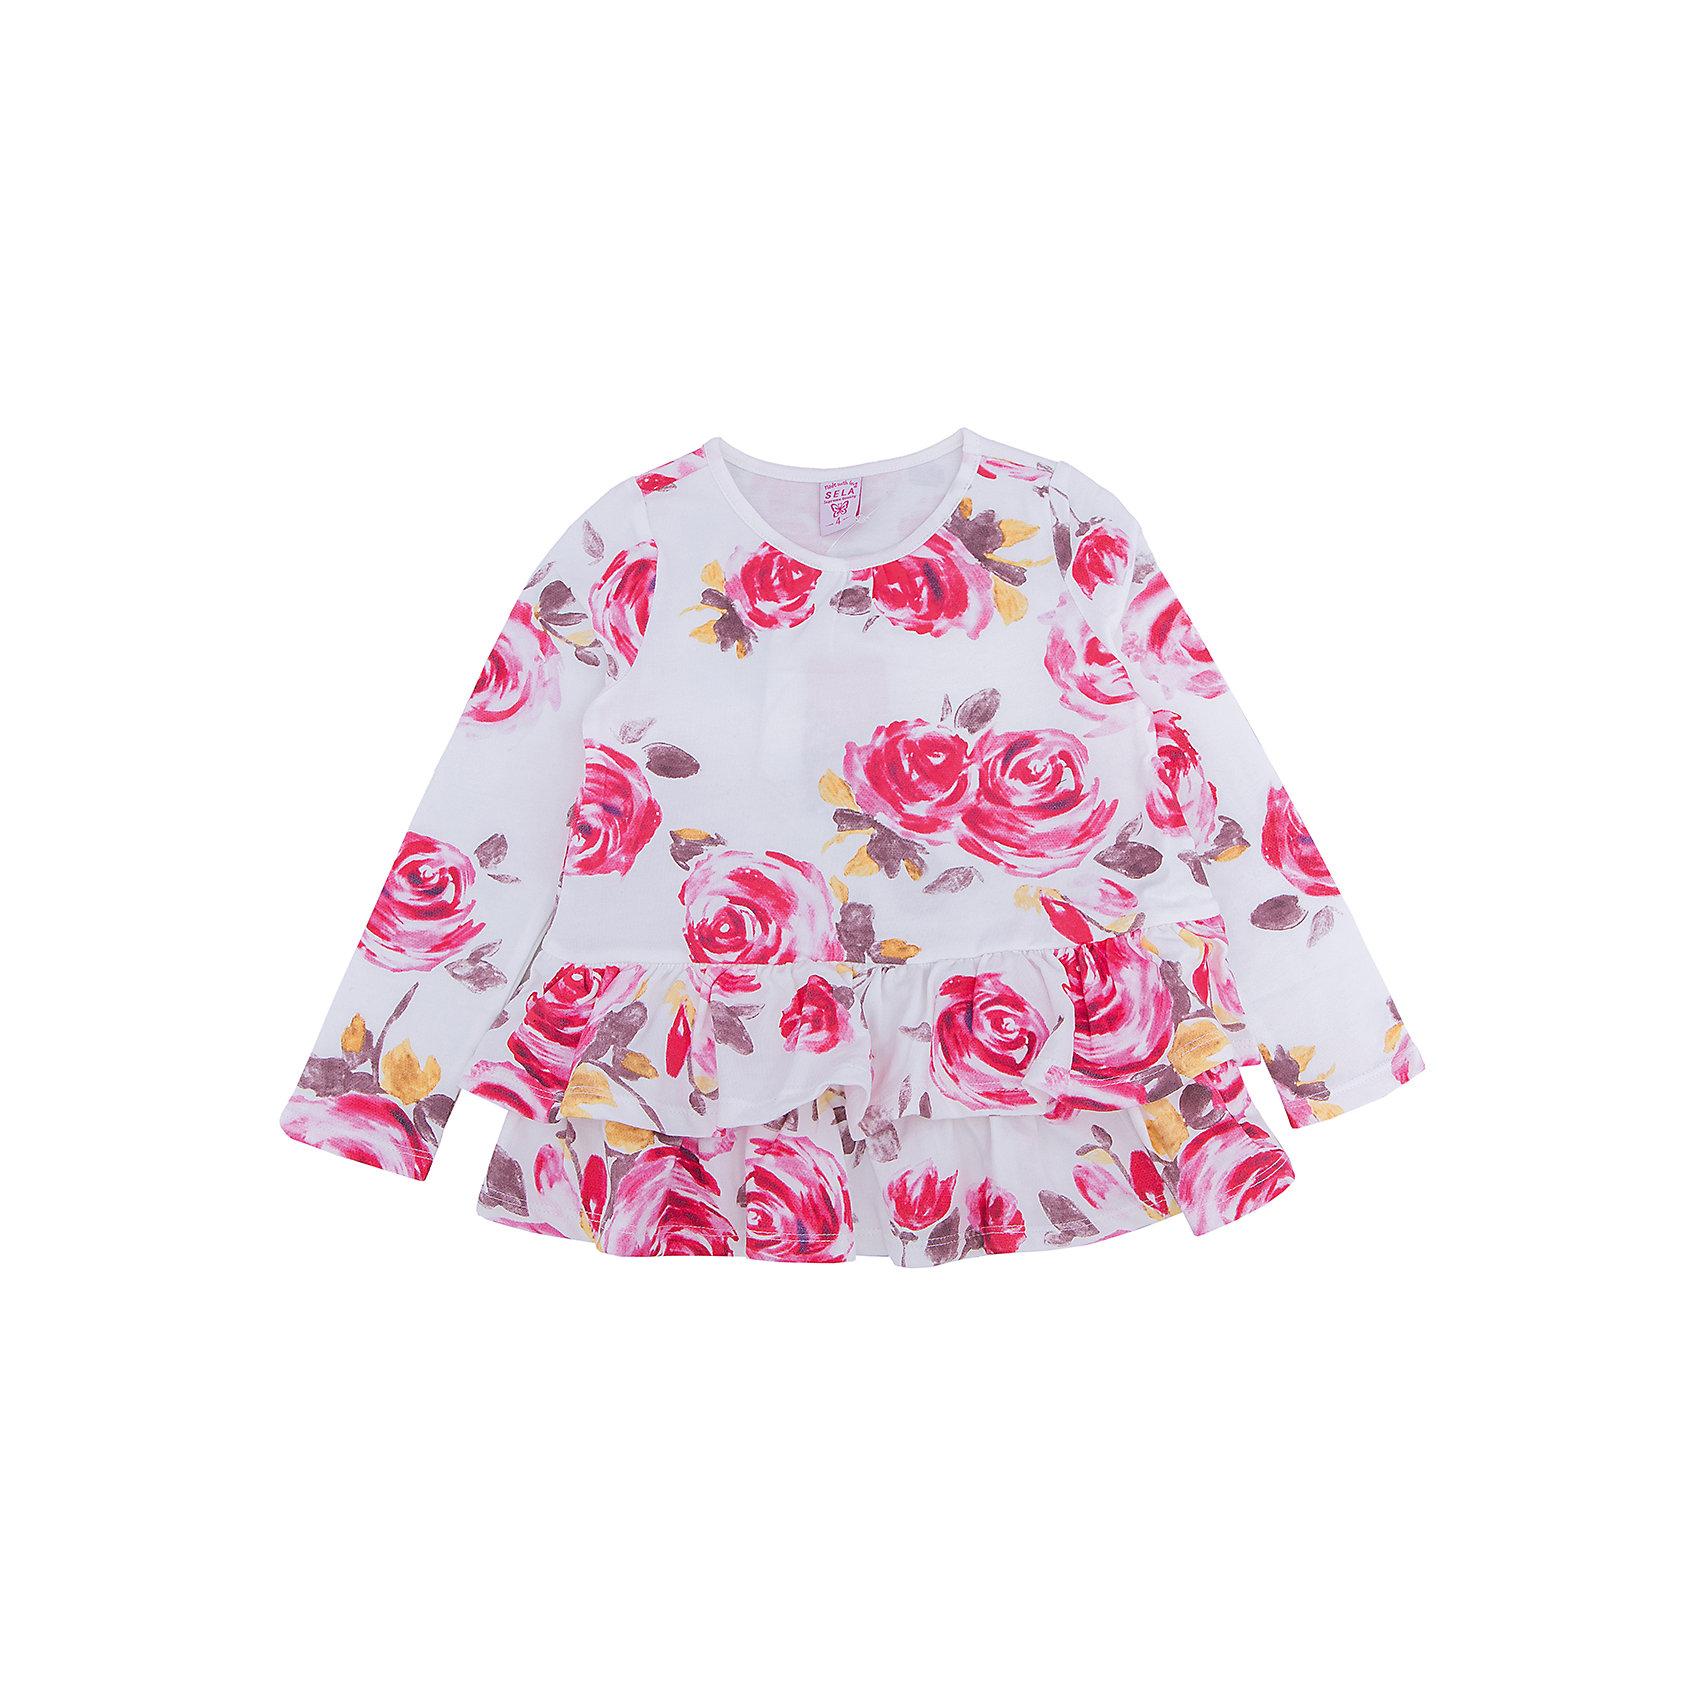 Платье для девочки SELAПлатья и сарафаны<br>Платье с принтом - удобная и модная вещь. Эта модель отлично сидит на ребенке, она смотрится стильно и нарядно. Приятная на ощупь ткань и качественная фурнитура обеспечивает ребенку комфорт. Модель станет отличной базовой вещью, которая будет уместна в различных сочетаниях.<br>Одежда от бренда Sela (Села) - это качество по приемлемым ценам. Многие российские родители уже оценили преимущества продукции этой компании и всё чаще приобретают одежду и аксессуары Sela.<br><br>Дополнительная информация:<br><br>материал: 95% хлопок, 5% эластан;<br>с принтом;<br>длинный рукав.<br><br>Платье для девочки от бренда Sela можно купить в нашем интернет-магазине.<br><br>Ширина мм: 236<br>Глубина мм: 16<br>Высота мм: 184<br>Вес г: 177<br>Цвет: белый<br>Возраст от месяцев: 18<br>Возраст до месяцев: 24<br>Пол: Женский<br>Возраст: Детский<br>Размер: 92,116,98,104,110<br>SKU: 5008227